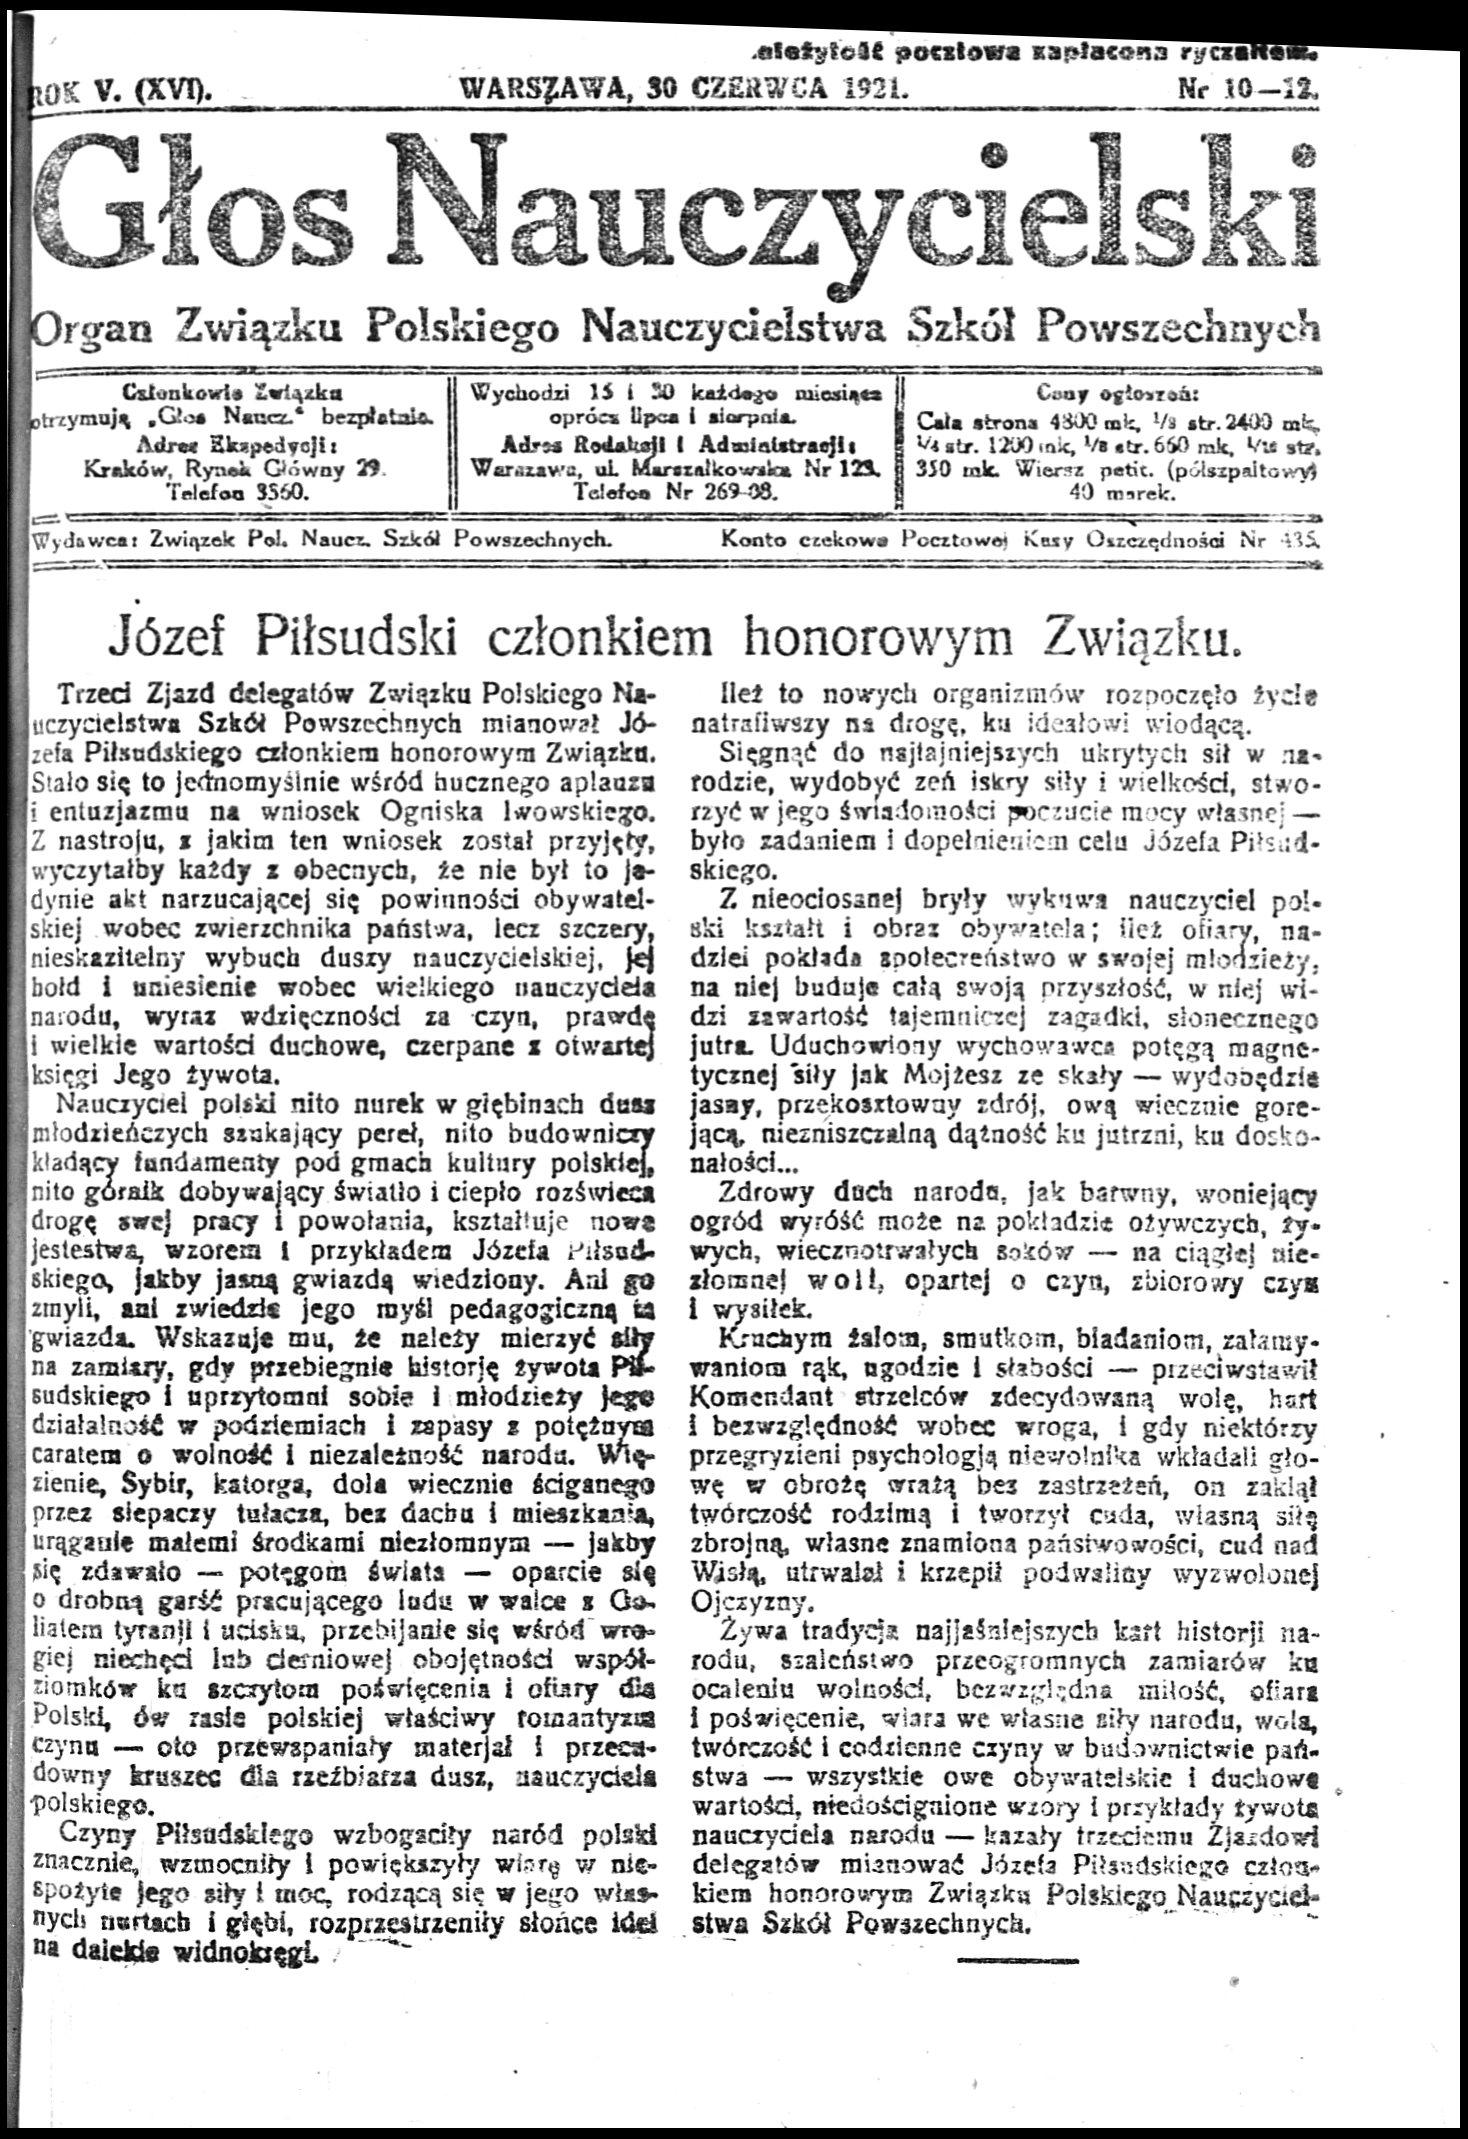 Marszałek Józef Piłsudski Honorowy Członek Znp 152